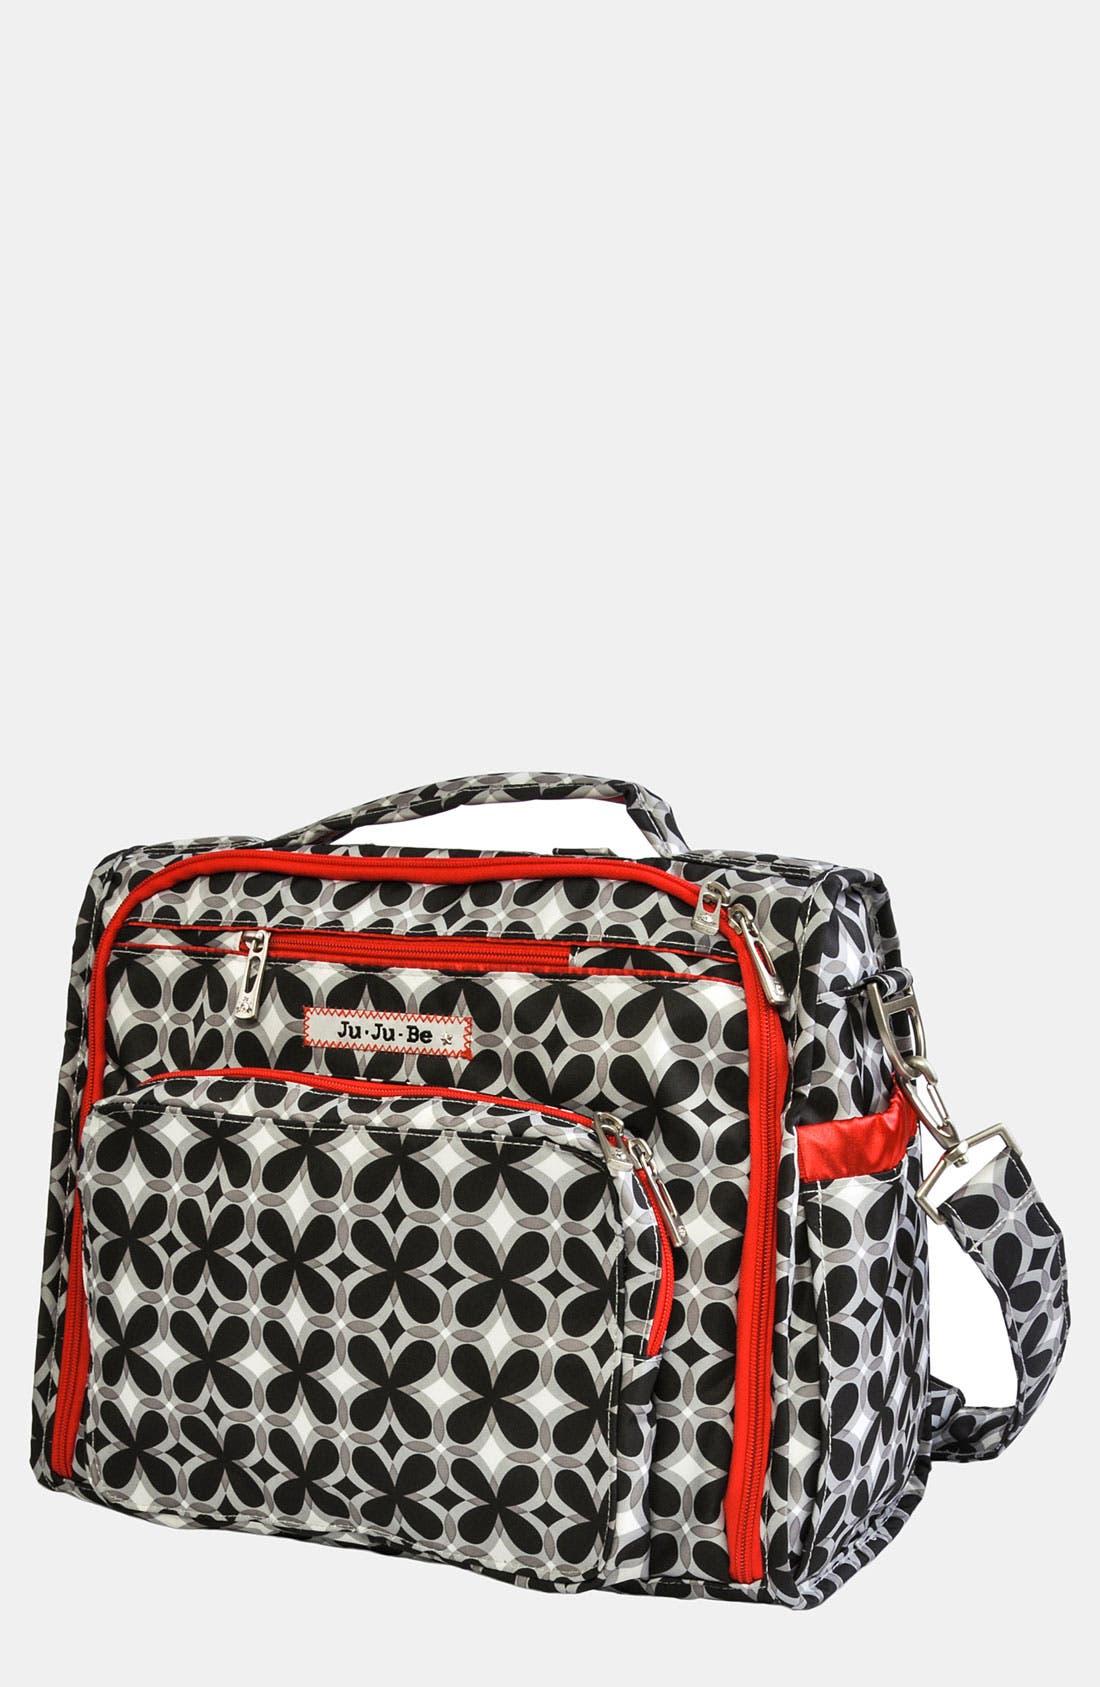 Alternate Image 1 Selected - Ju-Ju-Be 'BFF' Diaper Bag